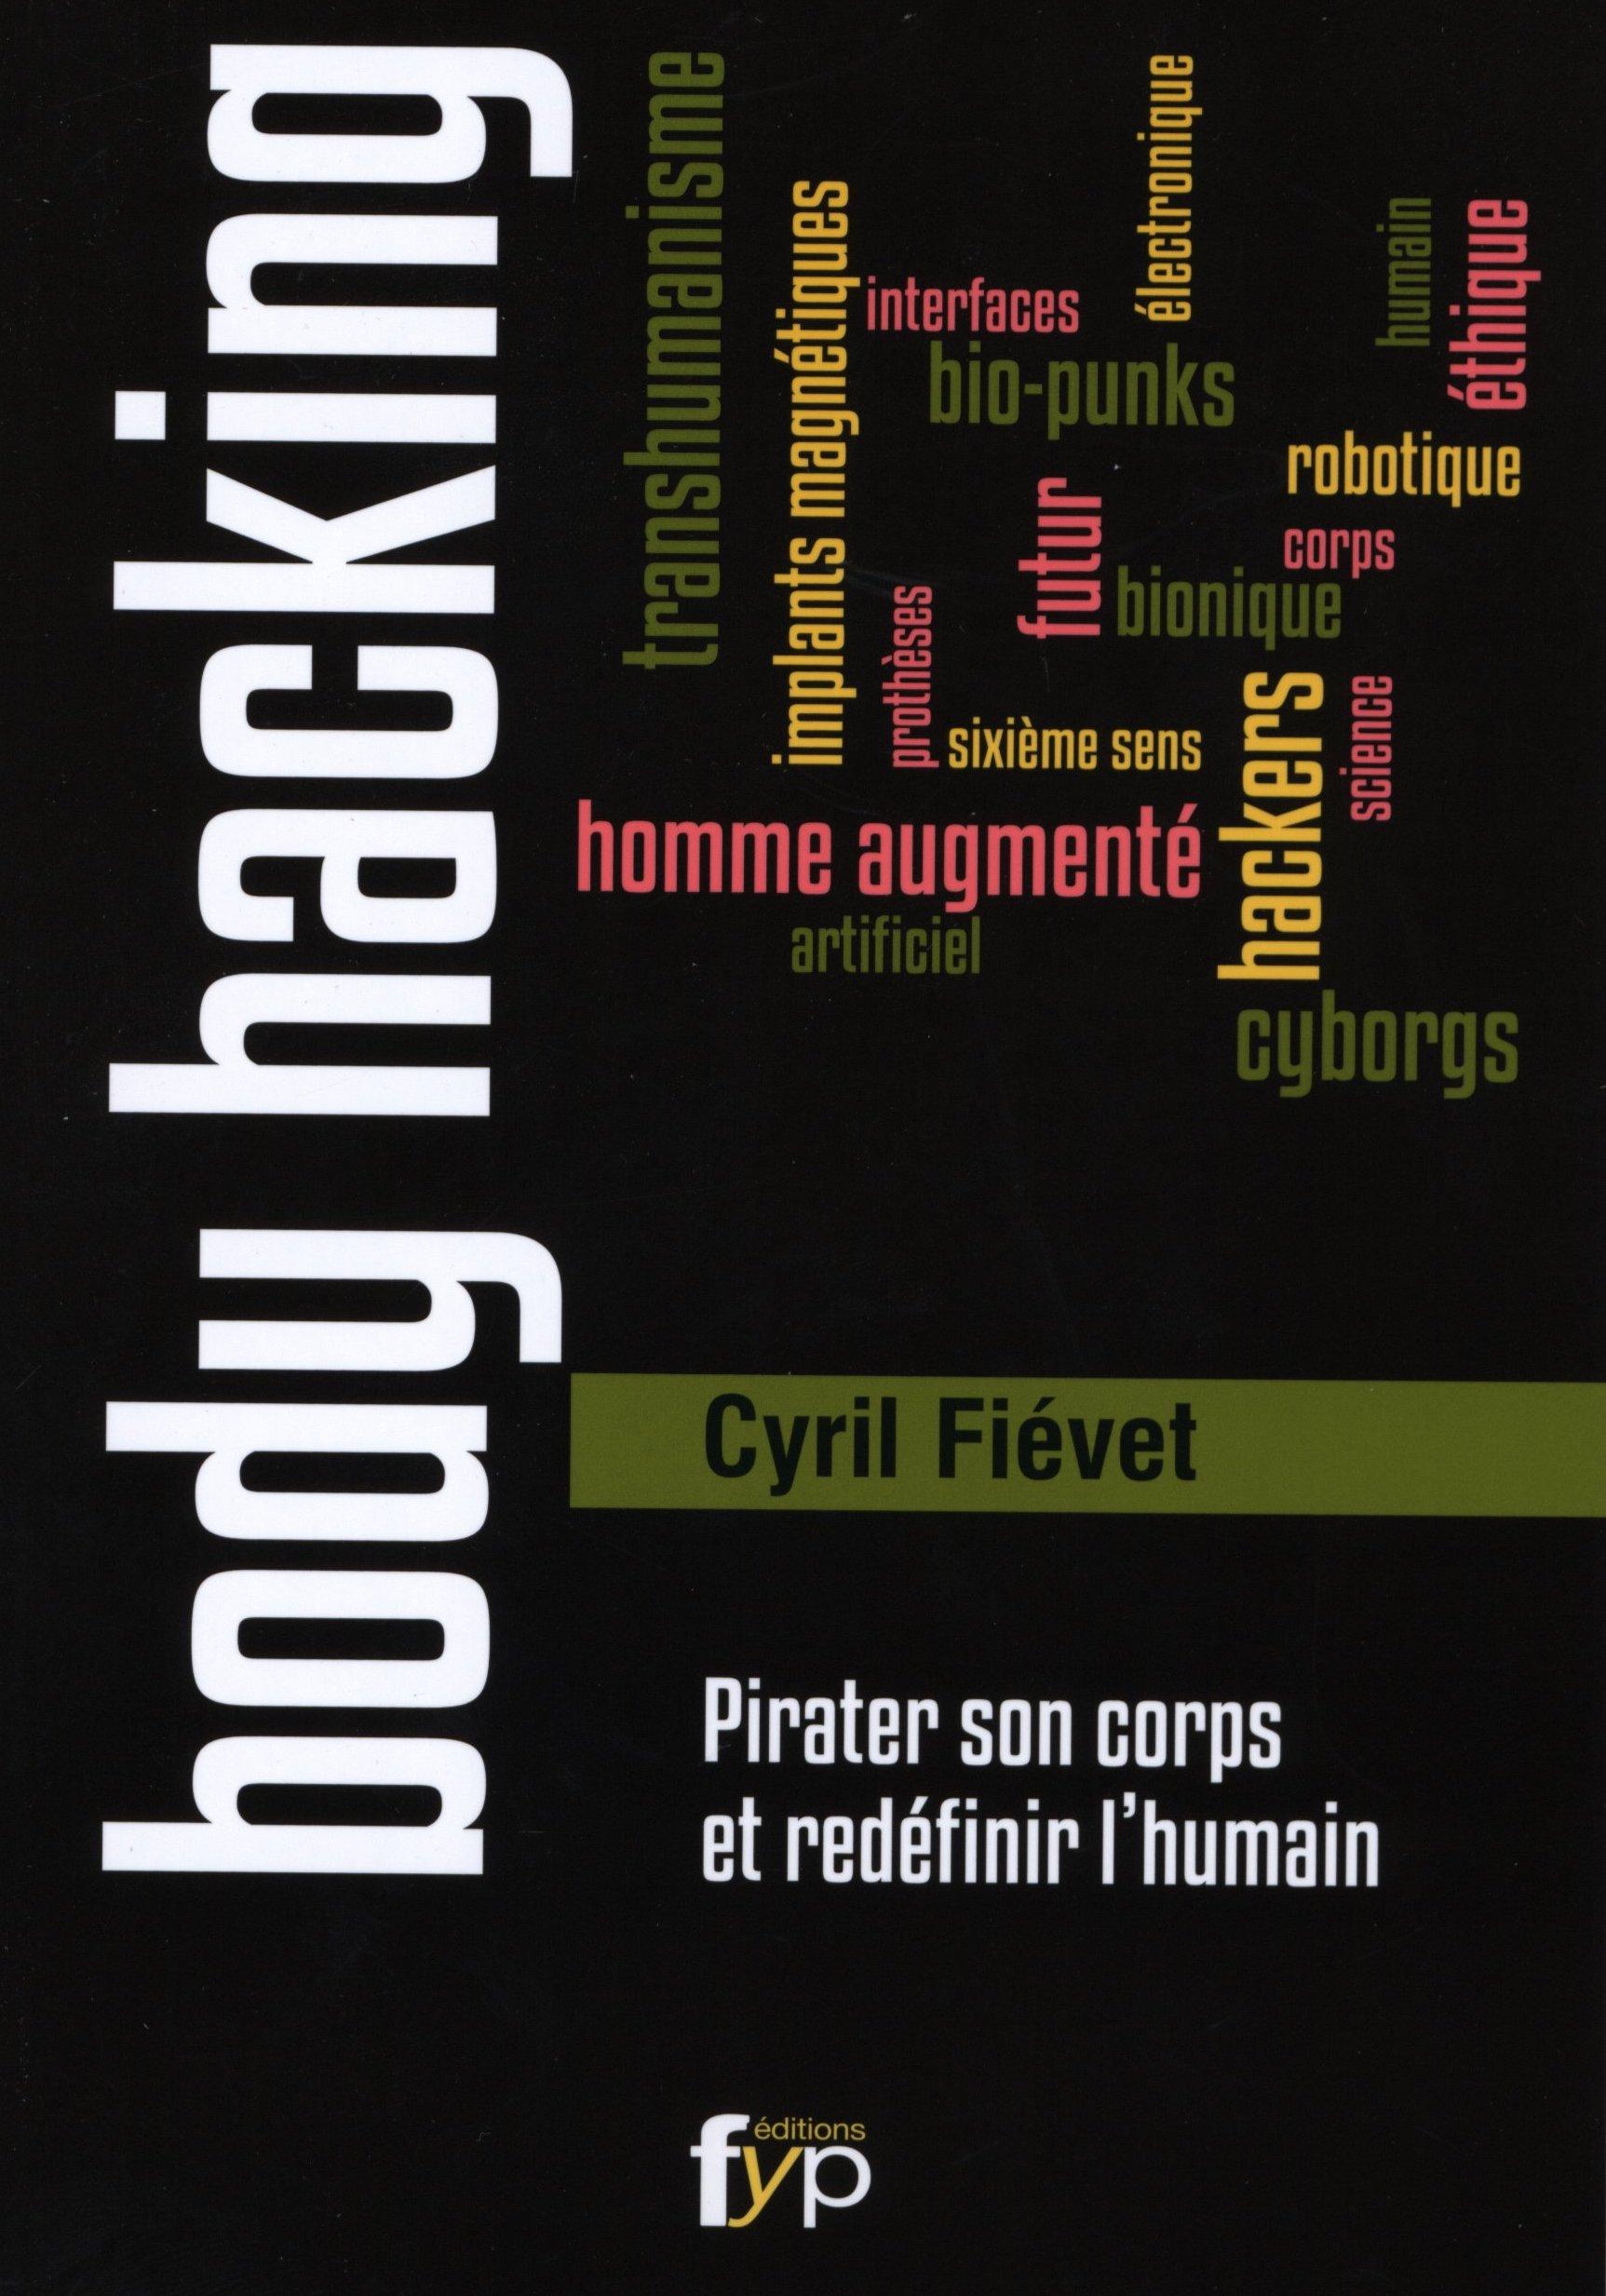 body_hacking